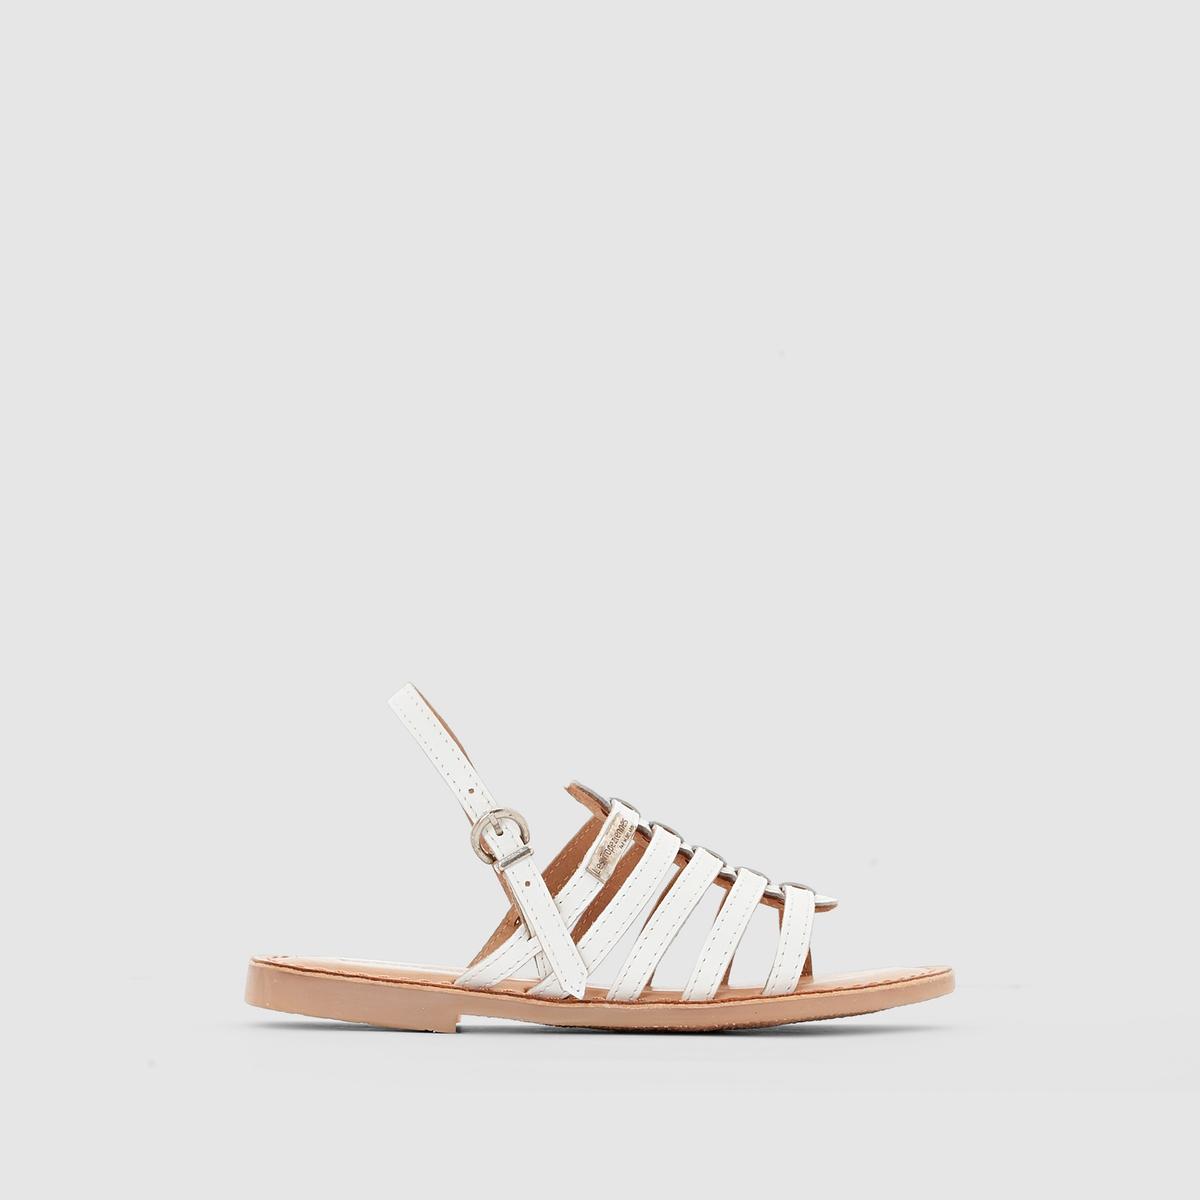 Сандалии из кожи с ремешкамиМягкие и удобные сандалии от M. Belarbi: комфорт и стиль!<br><br>Цвет: белый<br>Размер: 30.31